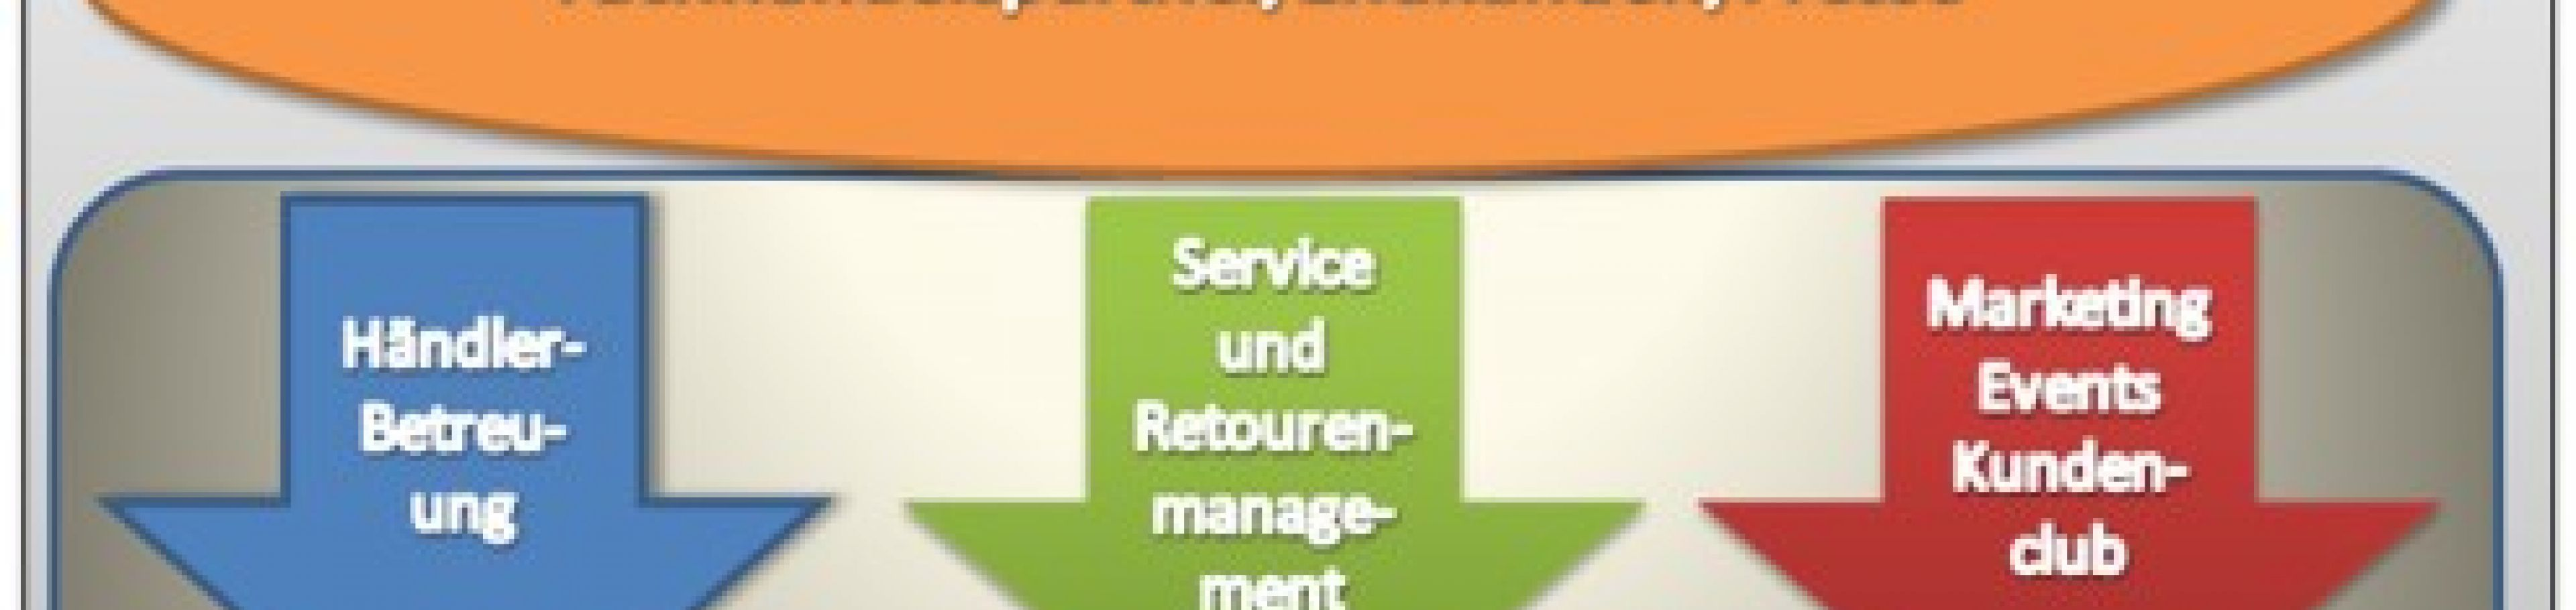 CRM System AG-VIP SQL bei Vredestein: Gleichklang von Vertrieb, Marketing, Service